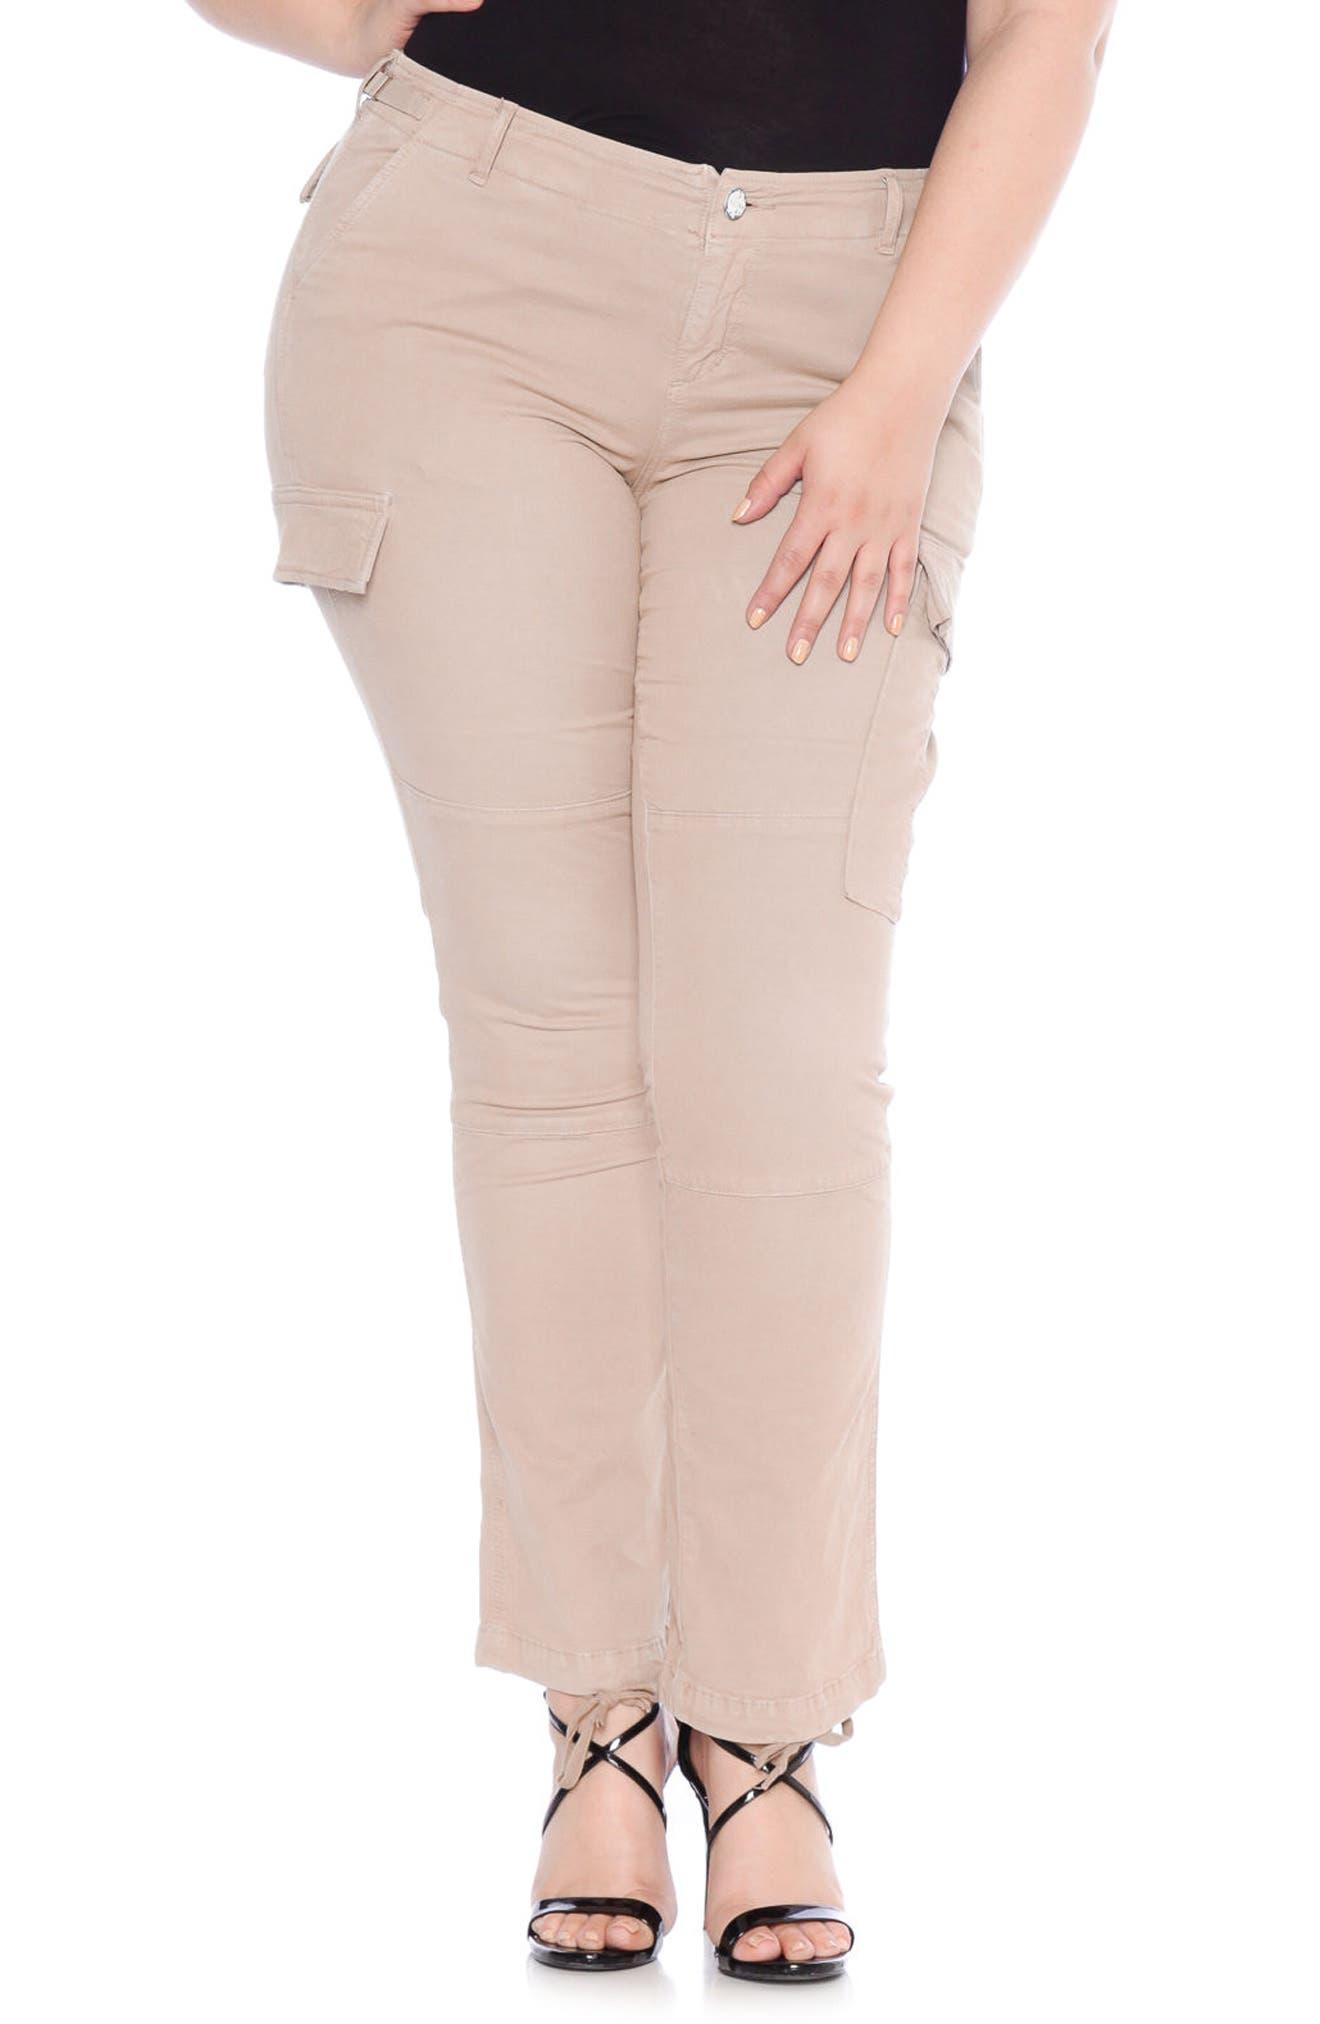 Plus Size Slink Jeans Twill Cargo Pants, Beige